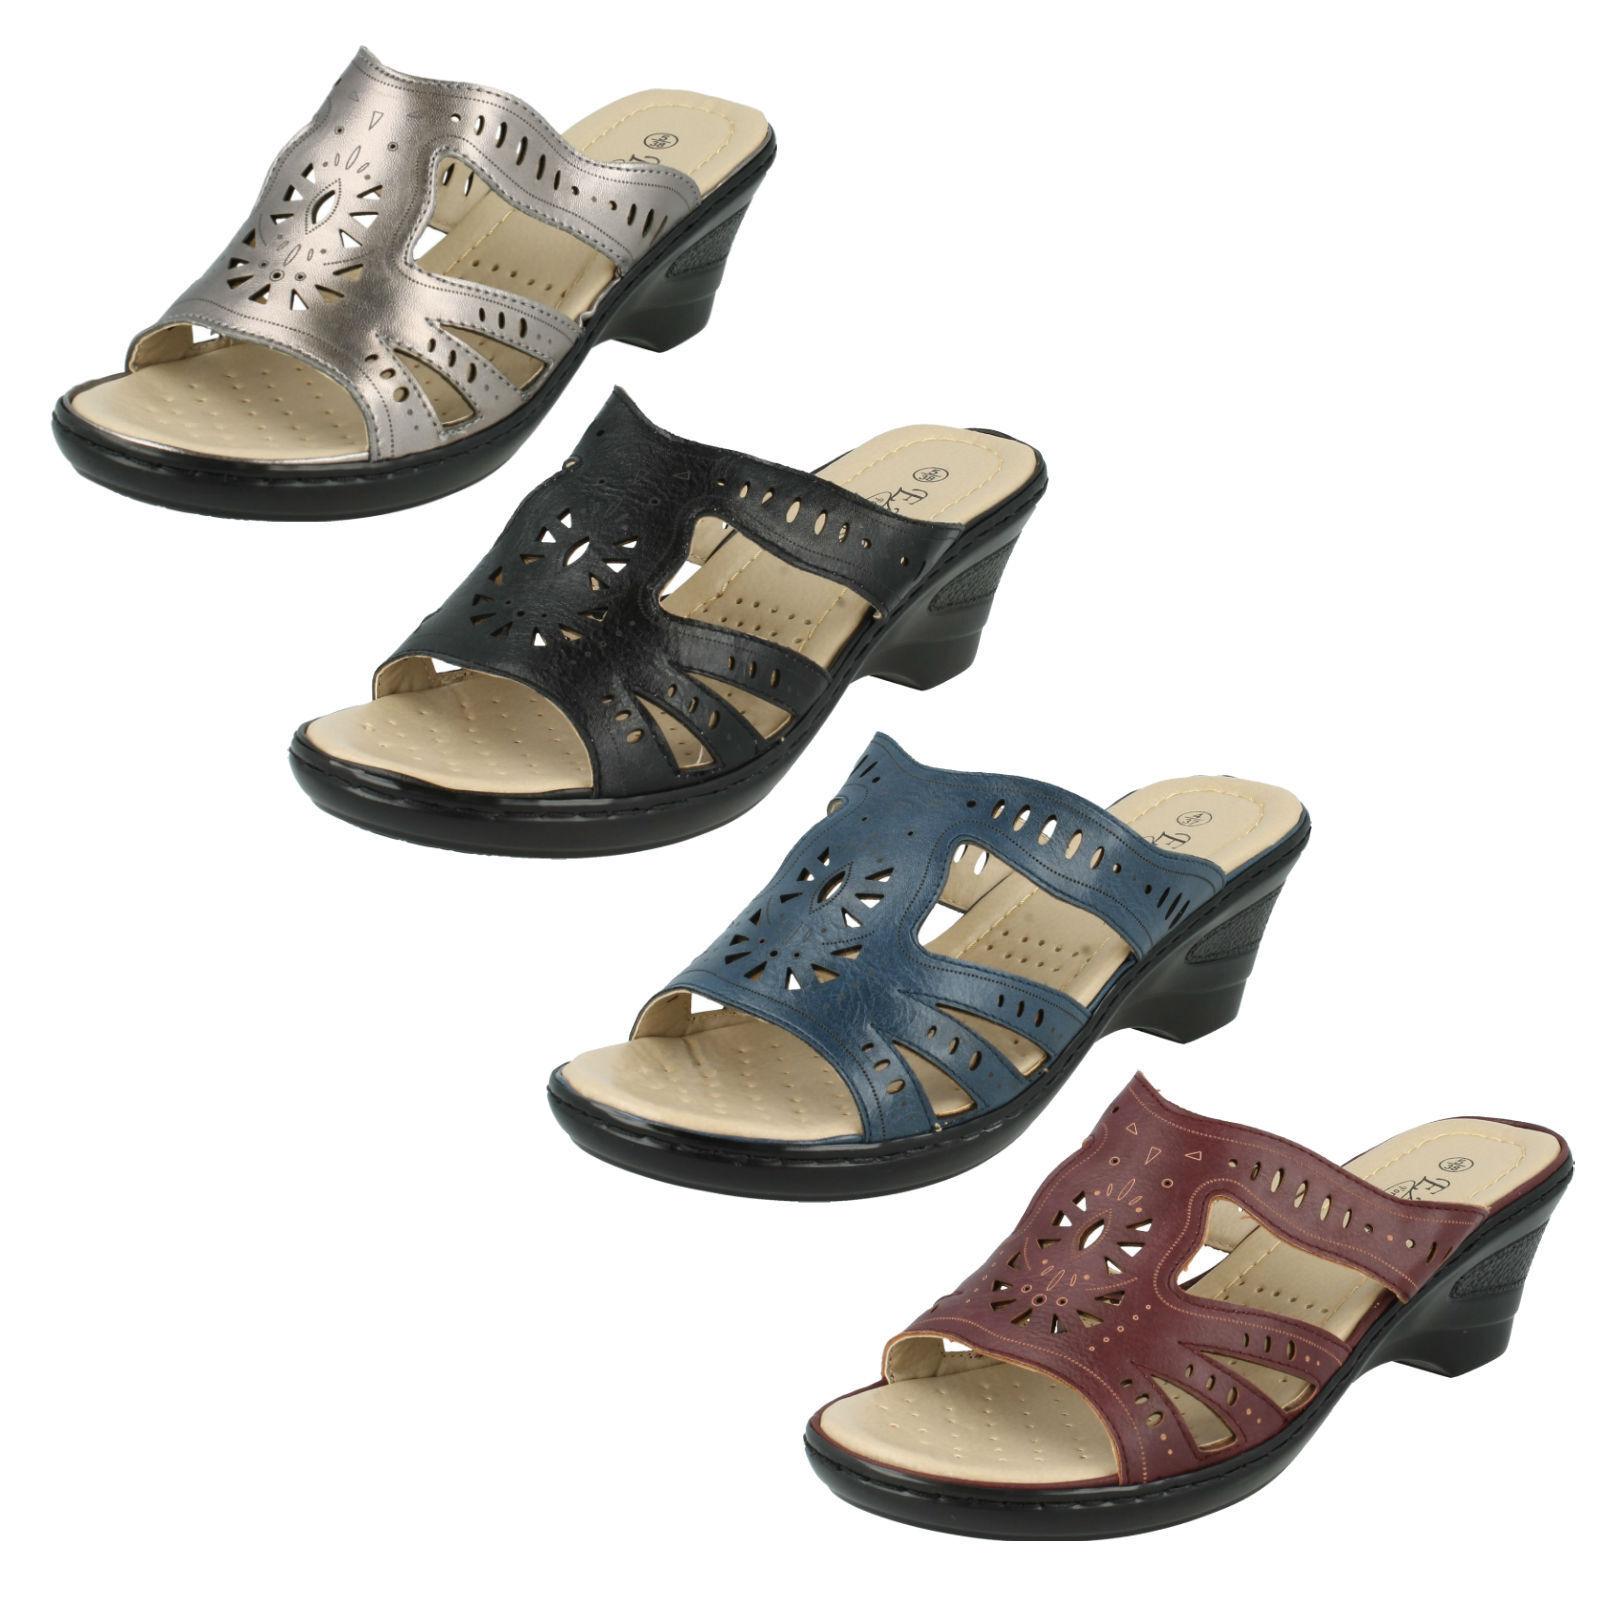 Mujer Sandalias Punta Abierta Confort Sin Cordones Tacón Cuña Casual Confort Abierta Zapatos c0bbc6